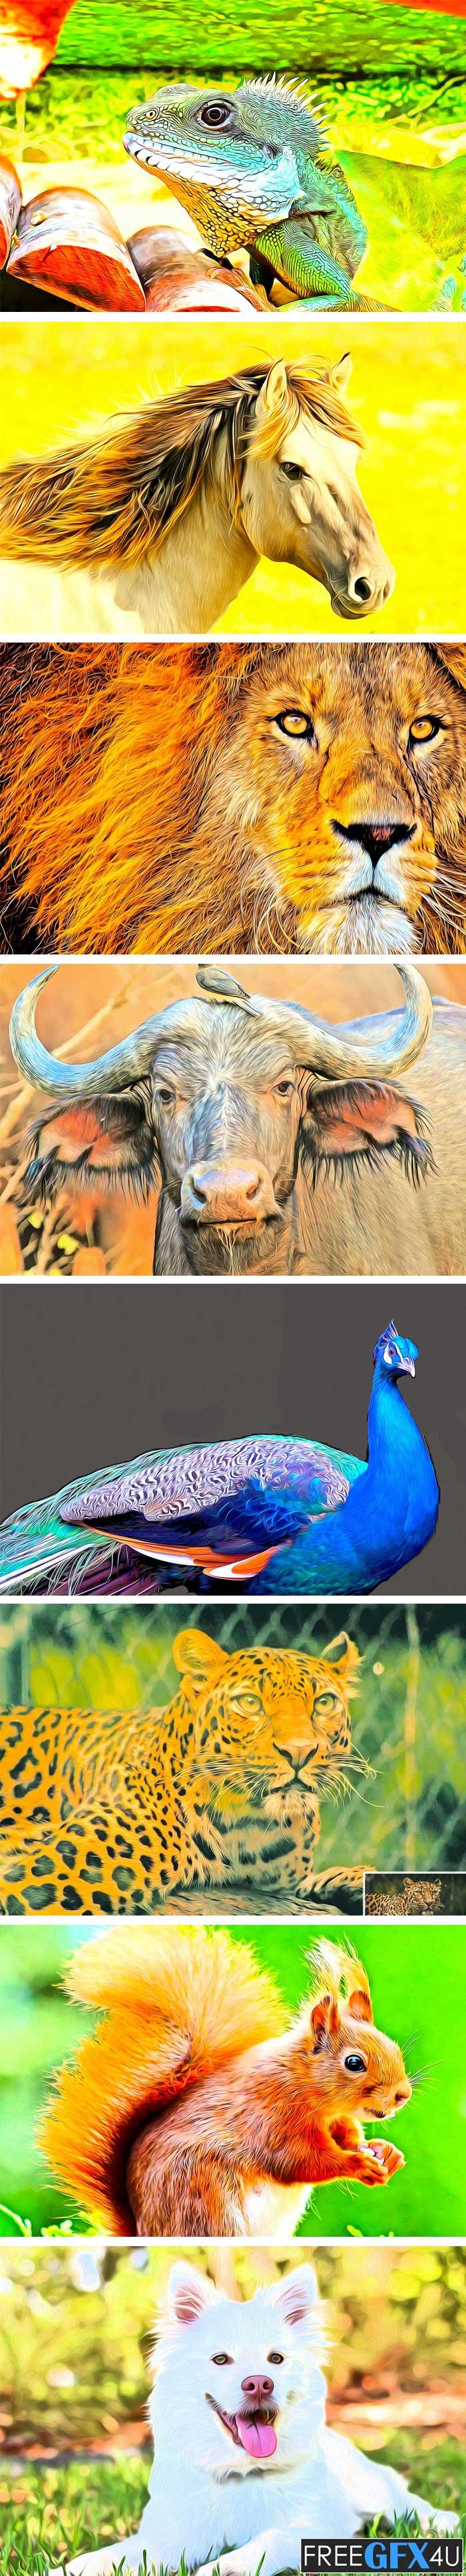 Animal Oil Portrait PS Action